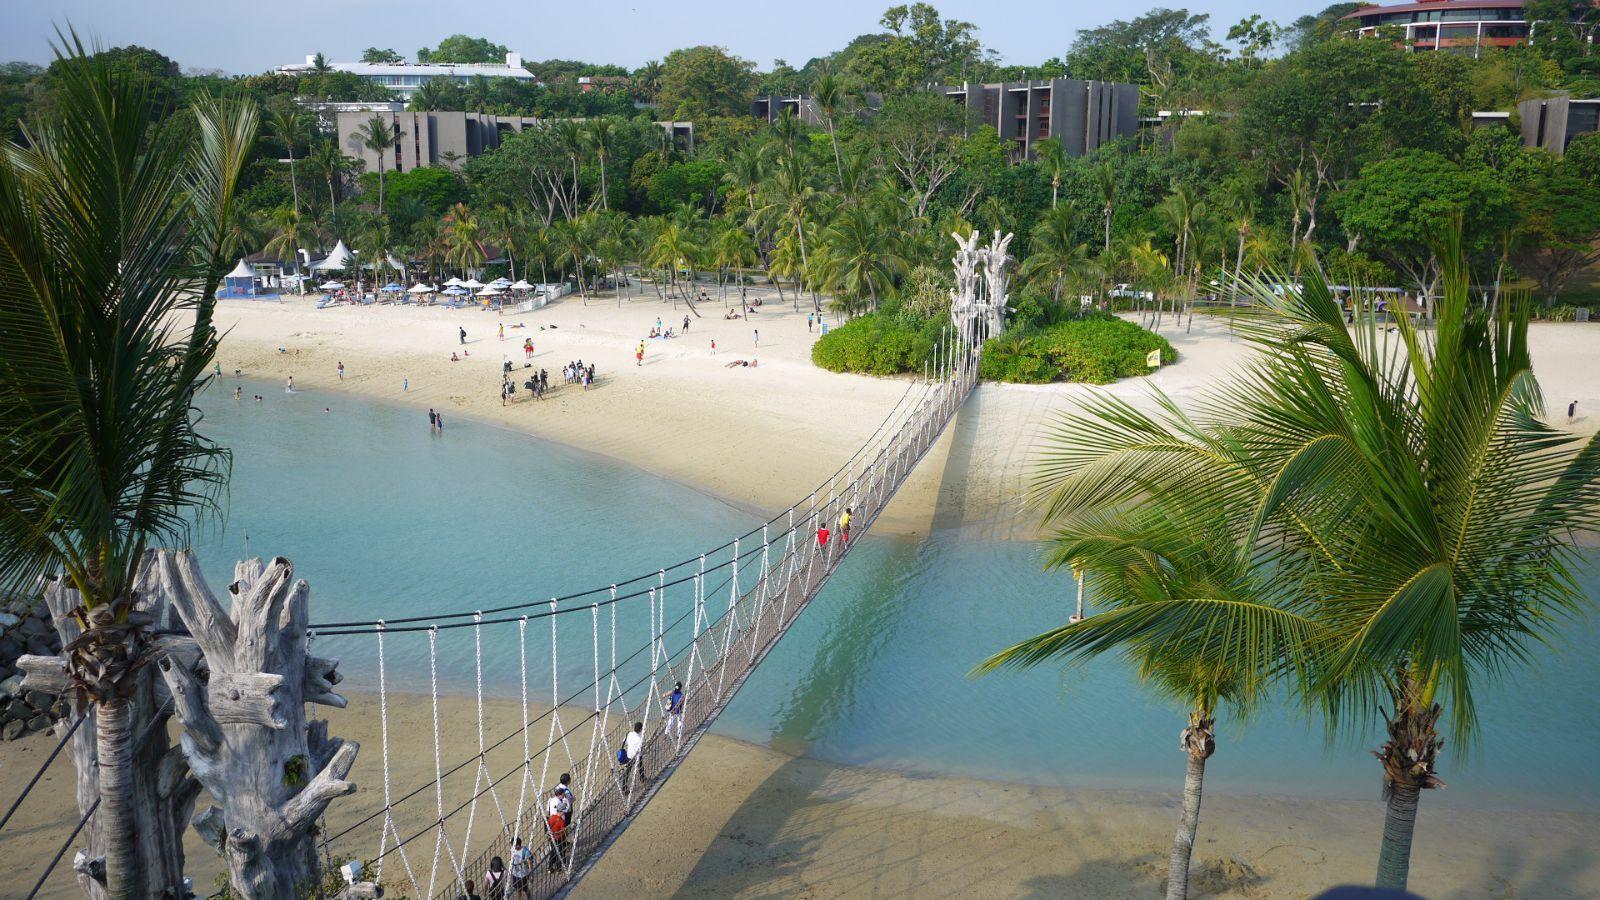 巴拉湾海滩 从圣淘沙回到新加坡市区已经近晚上8点,赶紧去一饱口福